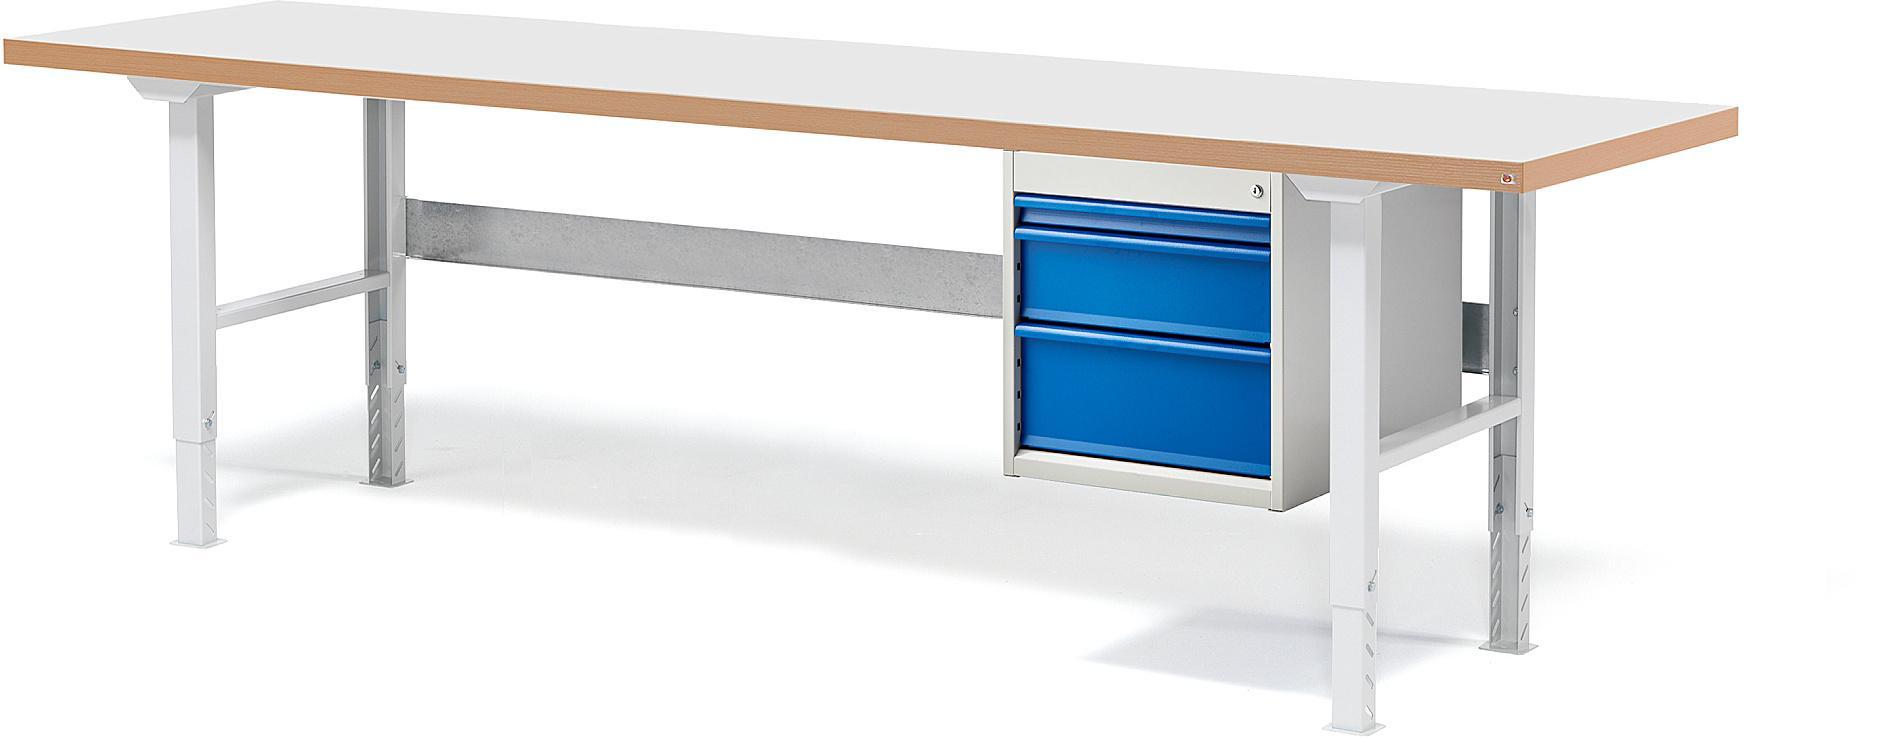 Dielenský stôl Solid s 3 zásuvkami, nosnosť 500 kg, 2500x800 mm, laminát